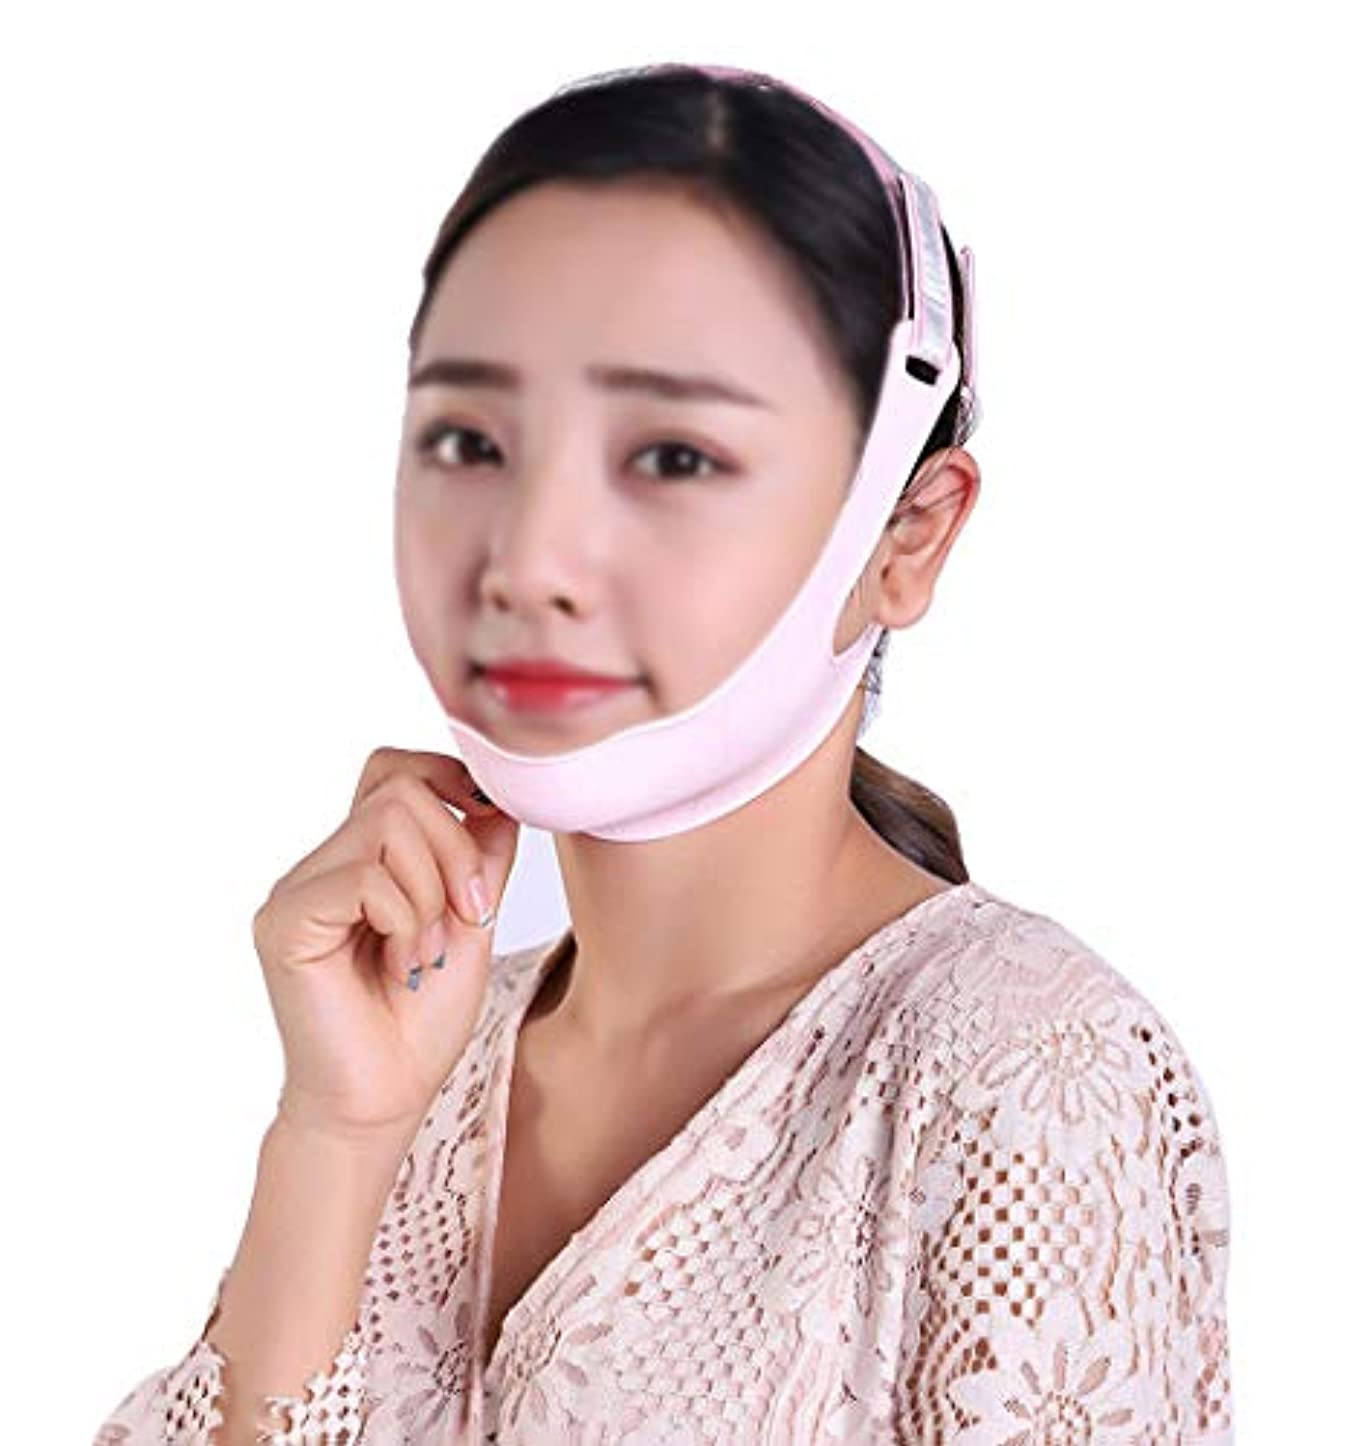 壮大神経だらしないGLJJQMY フェイシャルリフティングマスクシリコンVマスク引き締めフェイシャル包帯スモールVフェイスアーティファクト防止リラクゼーションフェイシャル&ネックリフティング 顔用整形マスク (Size : L)